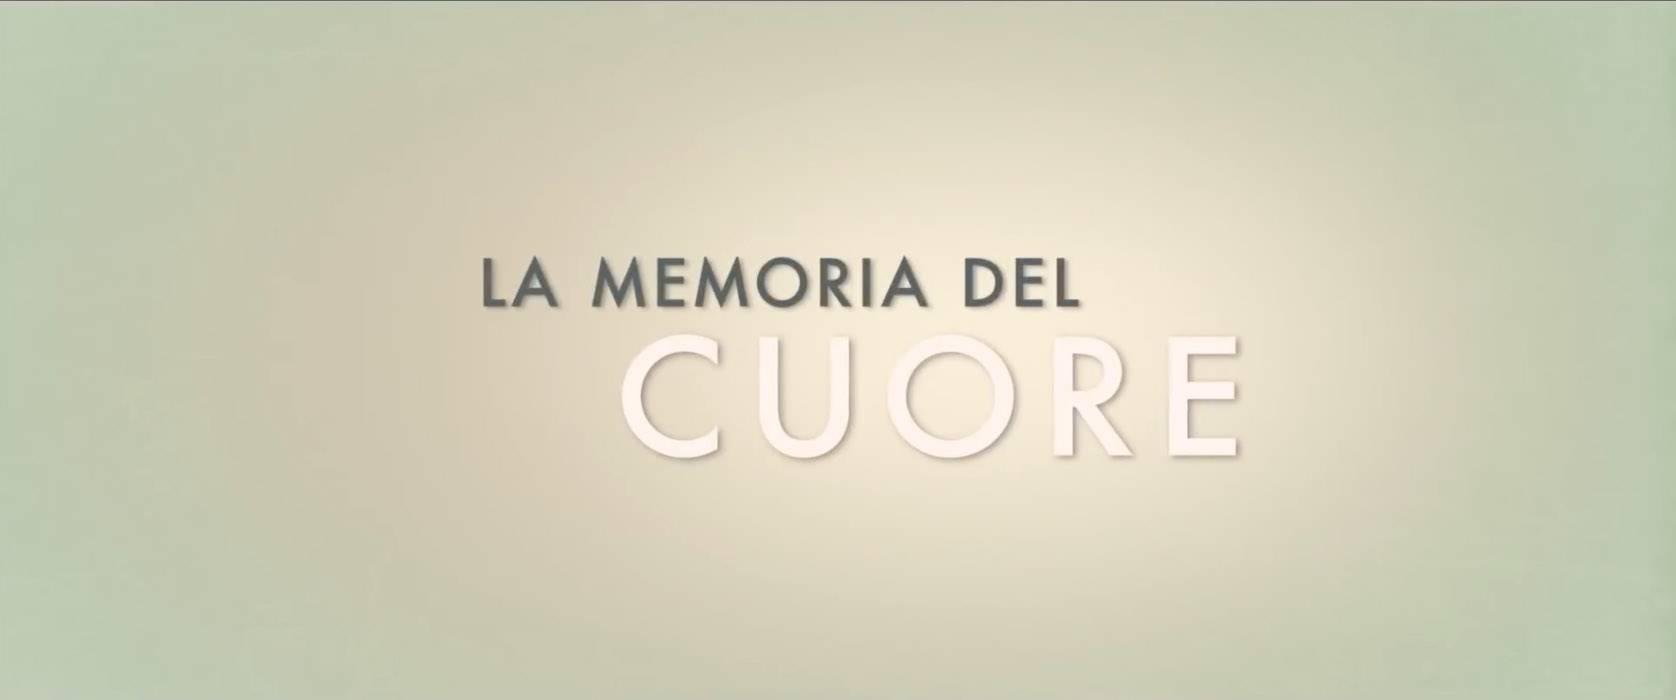 Paramount Channel, 'La memoria del cuore': trama e cast del film